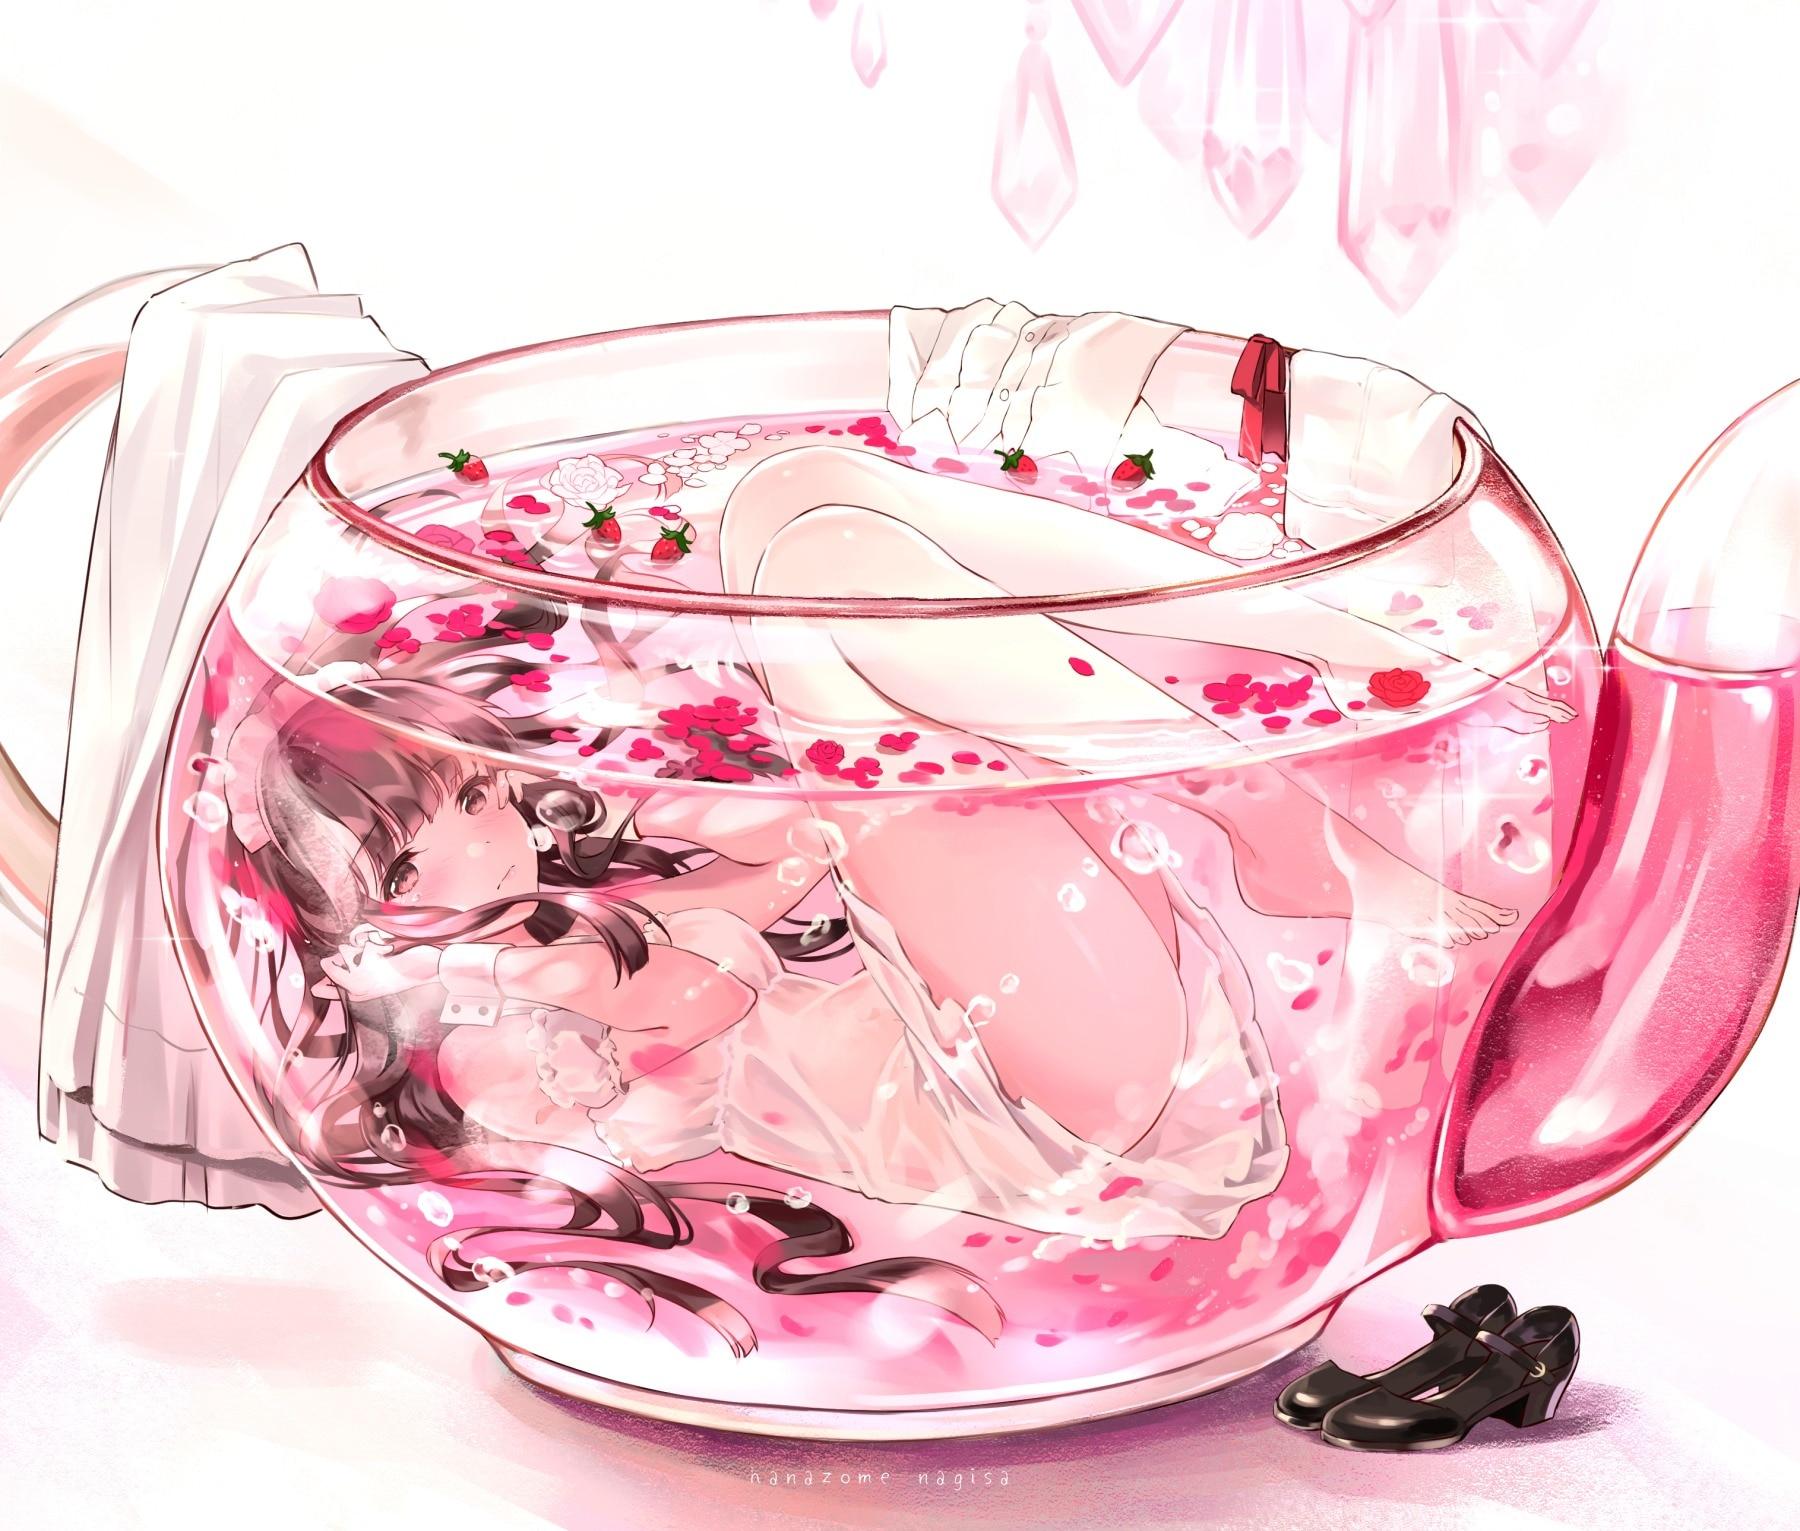 【少女前线】日本画师花染なぎさ插画作品_图片 No.2